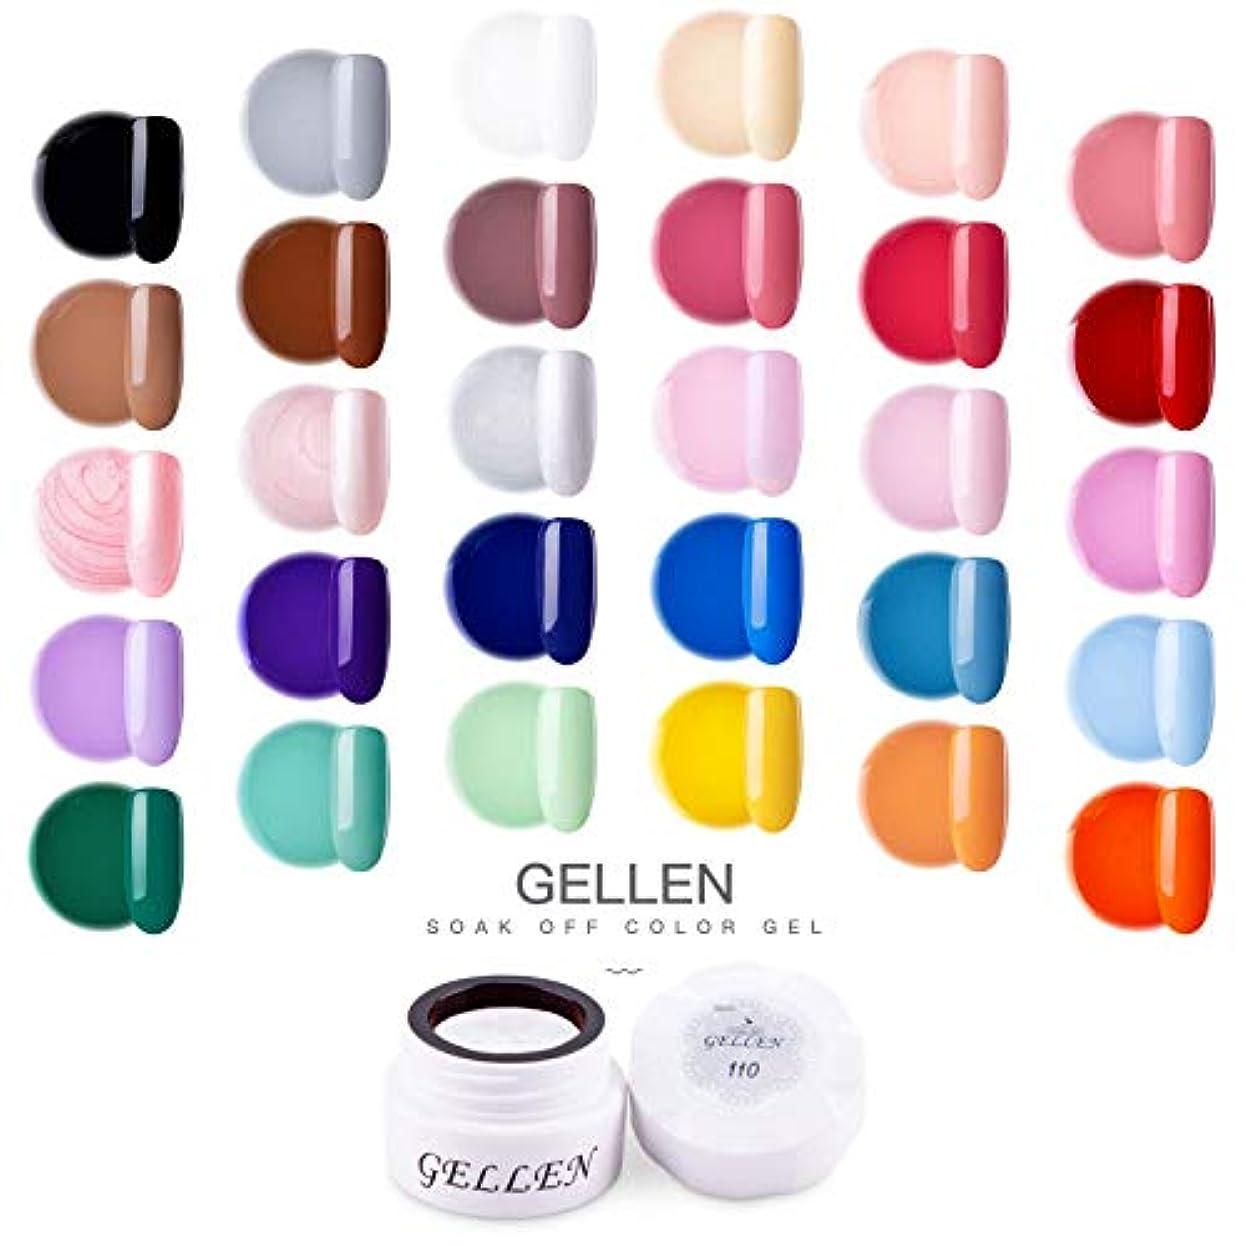 つかいますマルコポーロ豚Gellen カラージェル 30色定番カラー セット 高品質 5g ジェルネイル カラー ネイルブラシ付き